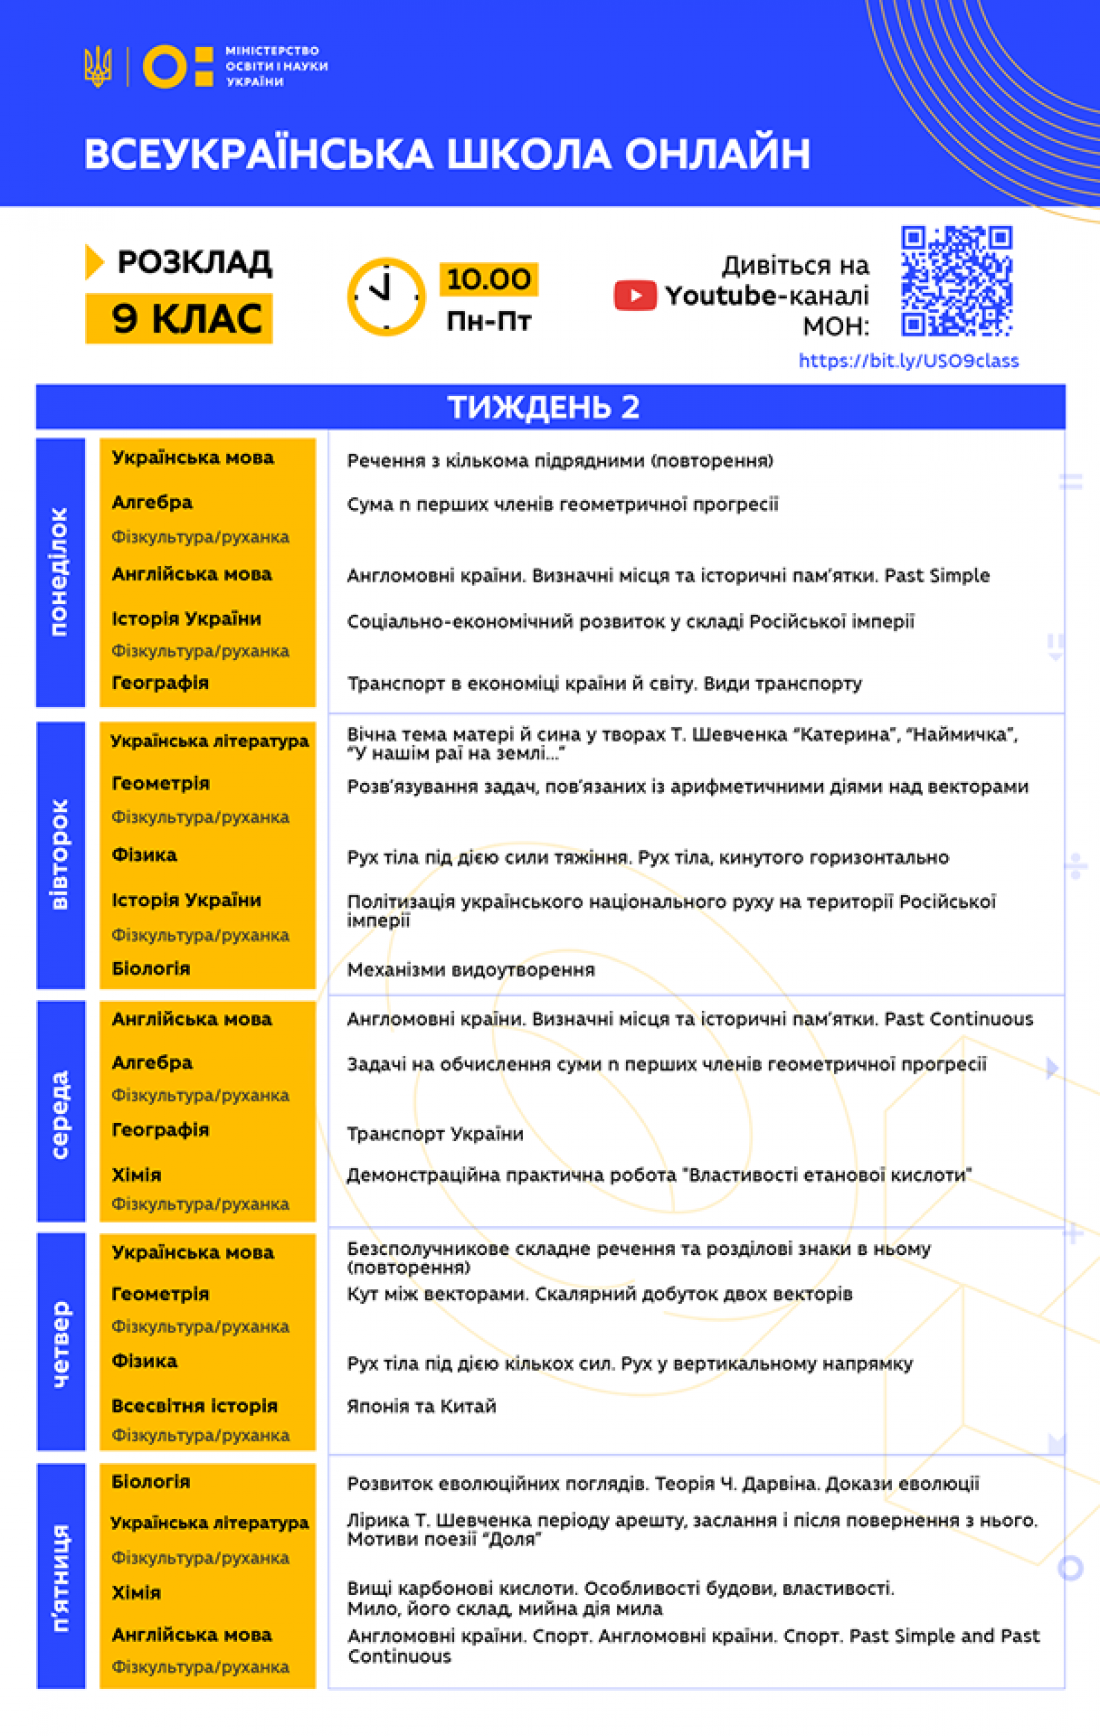 Всеукраинская школа онлайн: Расписание для 9 класса